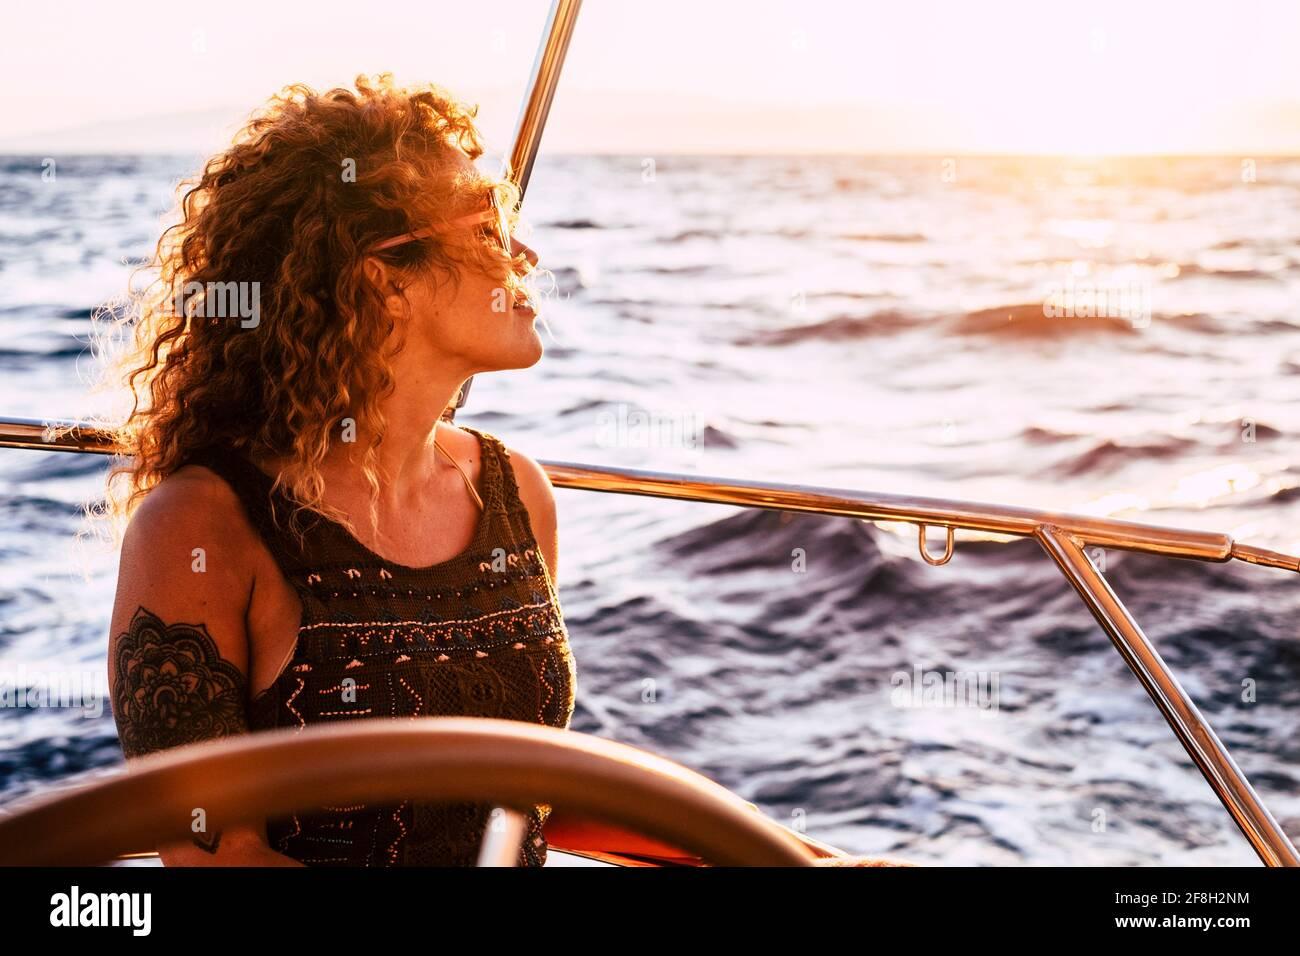 Femme adulte riche appréciez un style de vie luxueux voyageant sur un voilier pour les vacances d'été - les jolies femmes en plein air liberté avec mer d'océan Banque D'Images